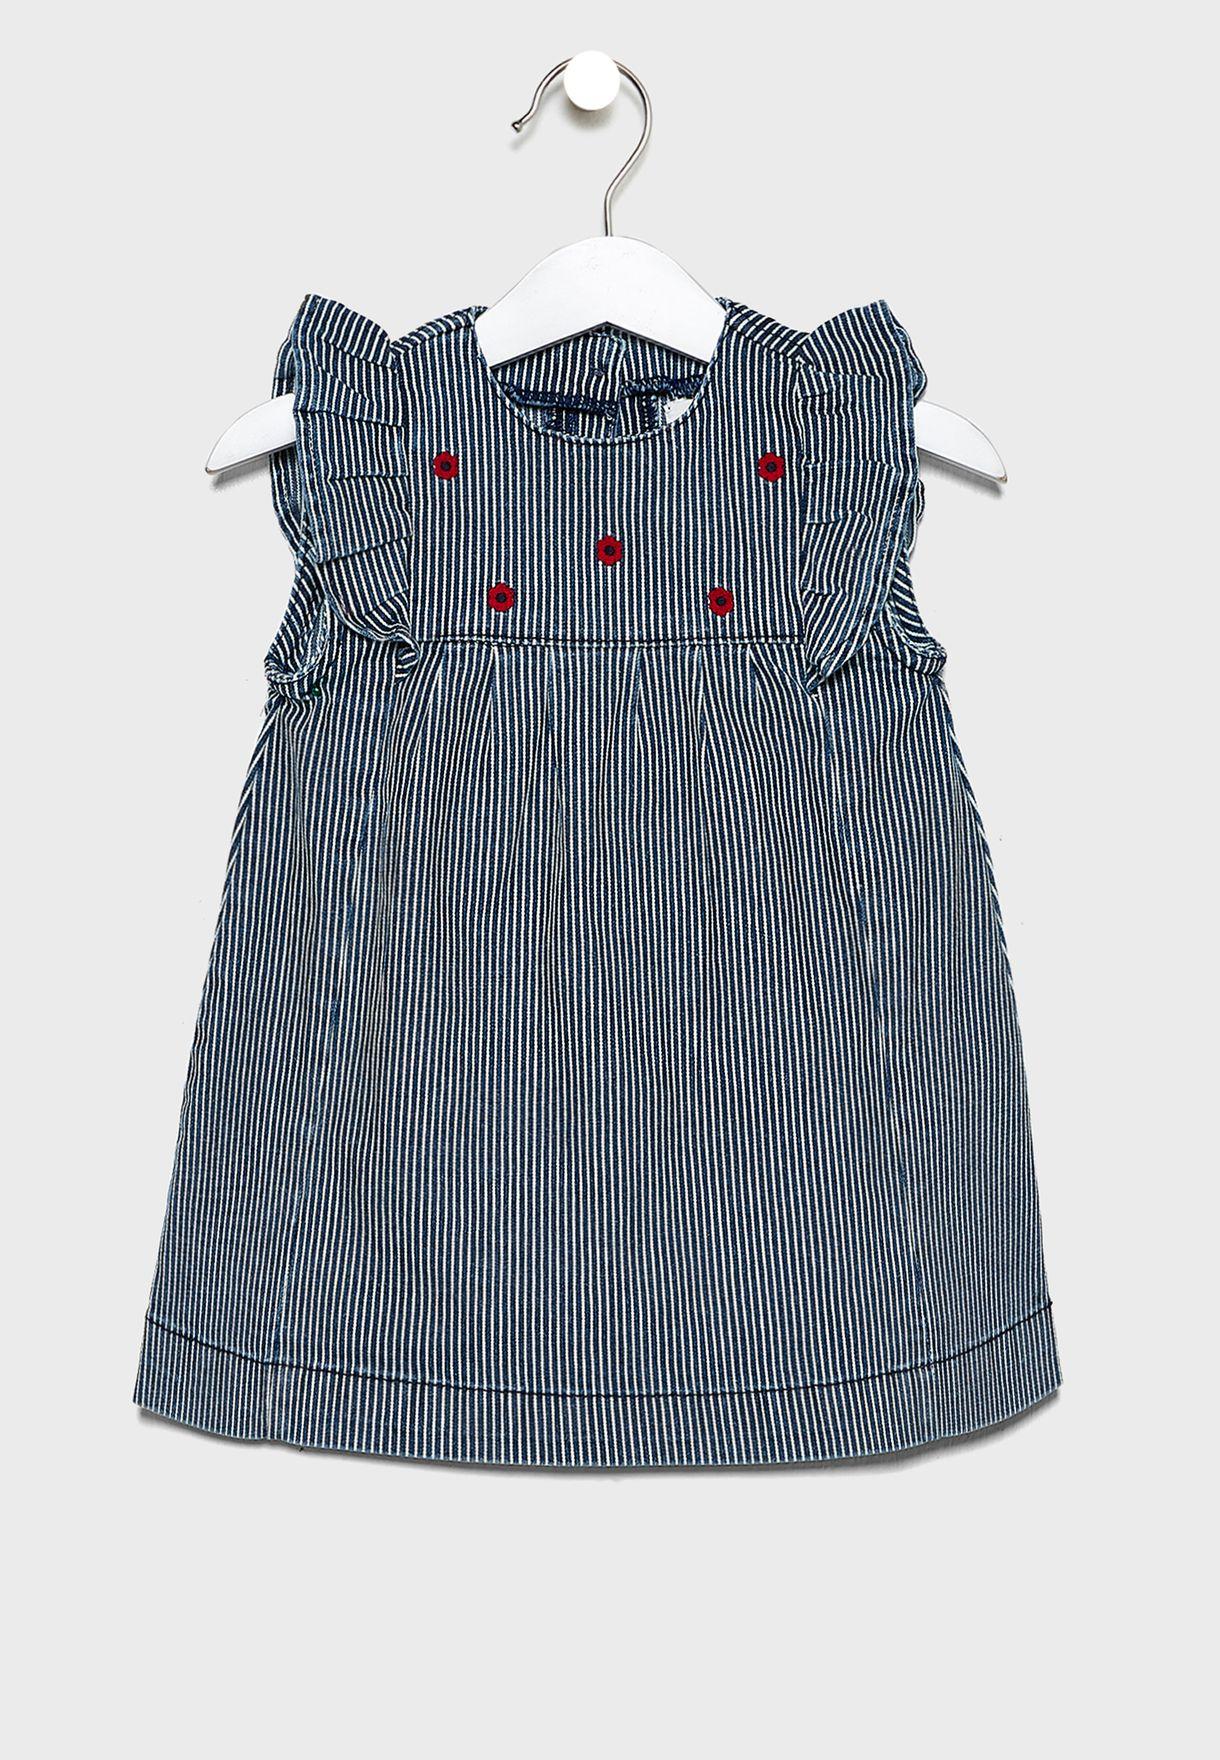 فستان مكشكش ومخطط بطبعات ازهار